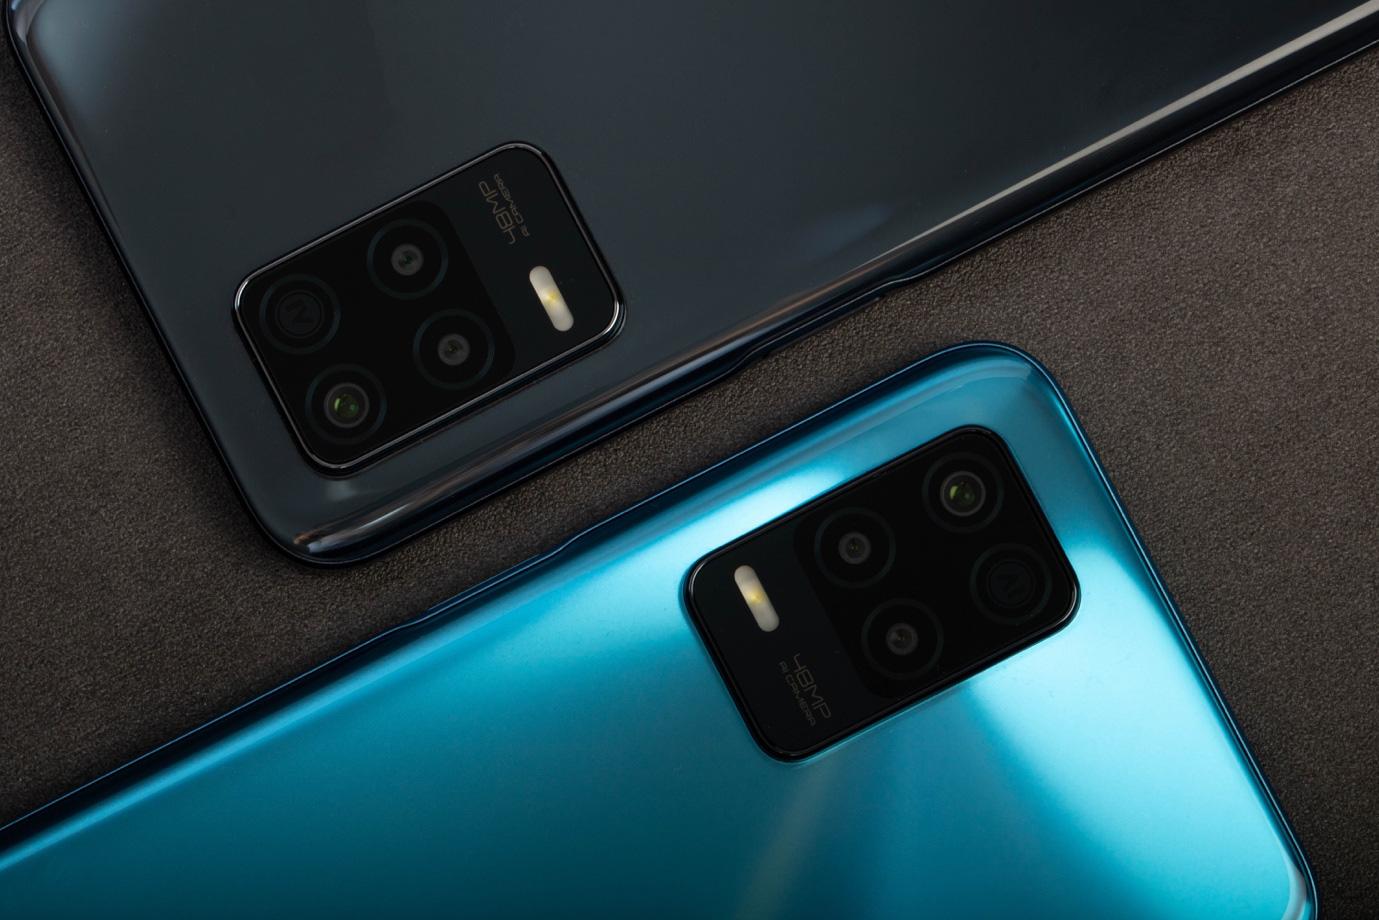 Trên tay chiếc điện thoại 5G hot nhất của realme: Xem phim cả ngày, cày game lướt web siêu nhanh, siêu khỏe! - ảnh 5